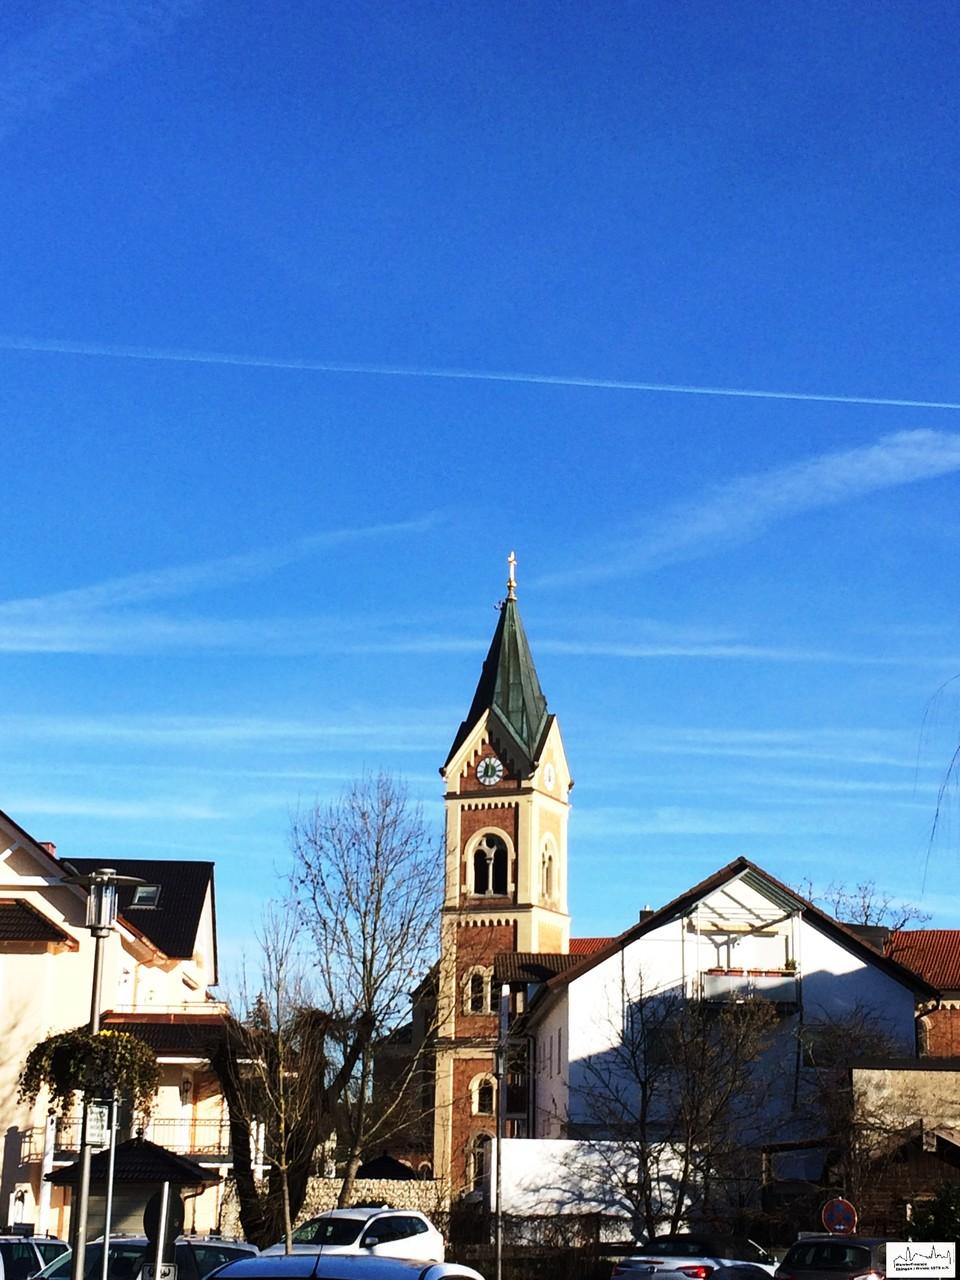 9-Sitzer Buswanderfahrt am 26.12.2015 nach Olching (Fotograf: K. Kratz)